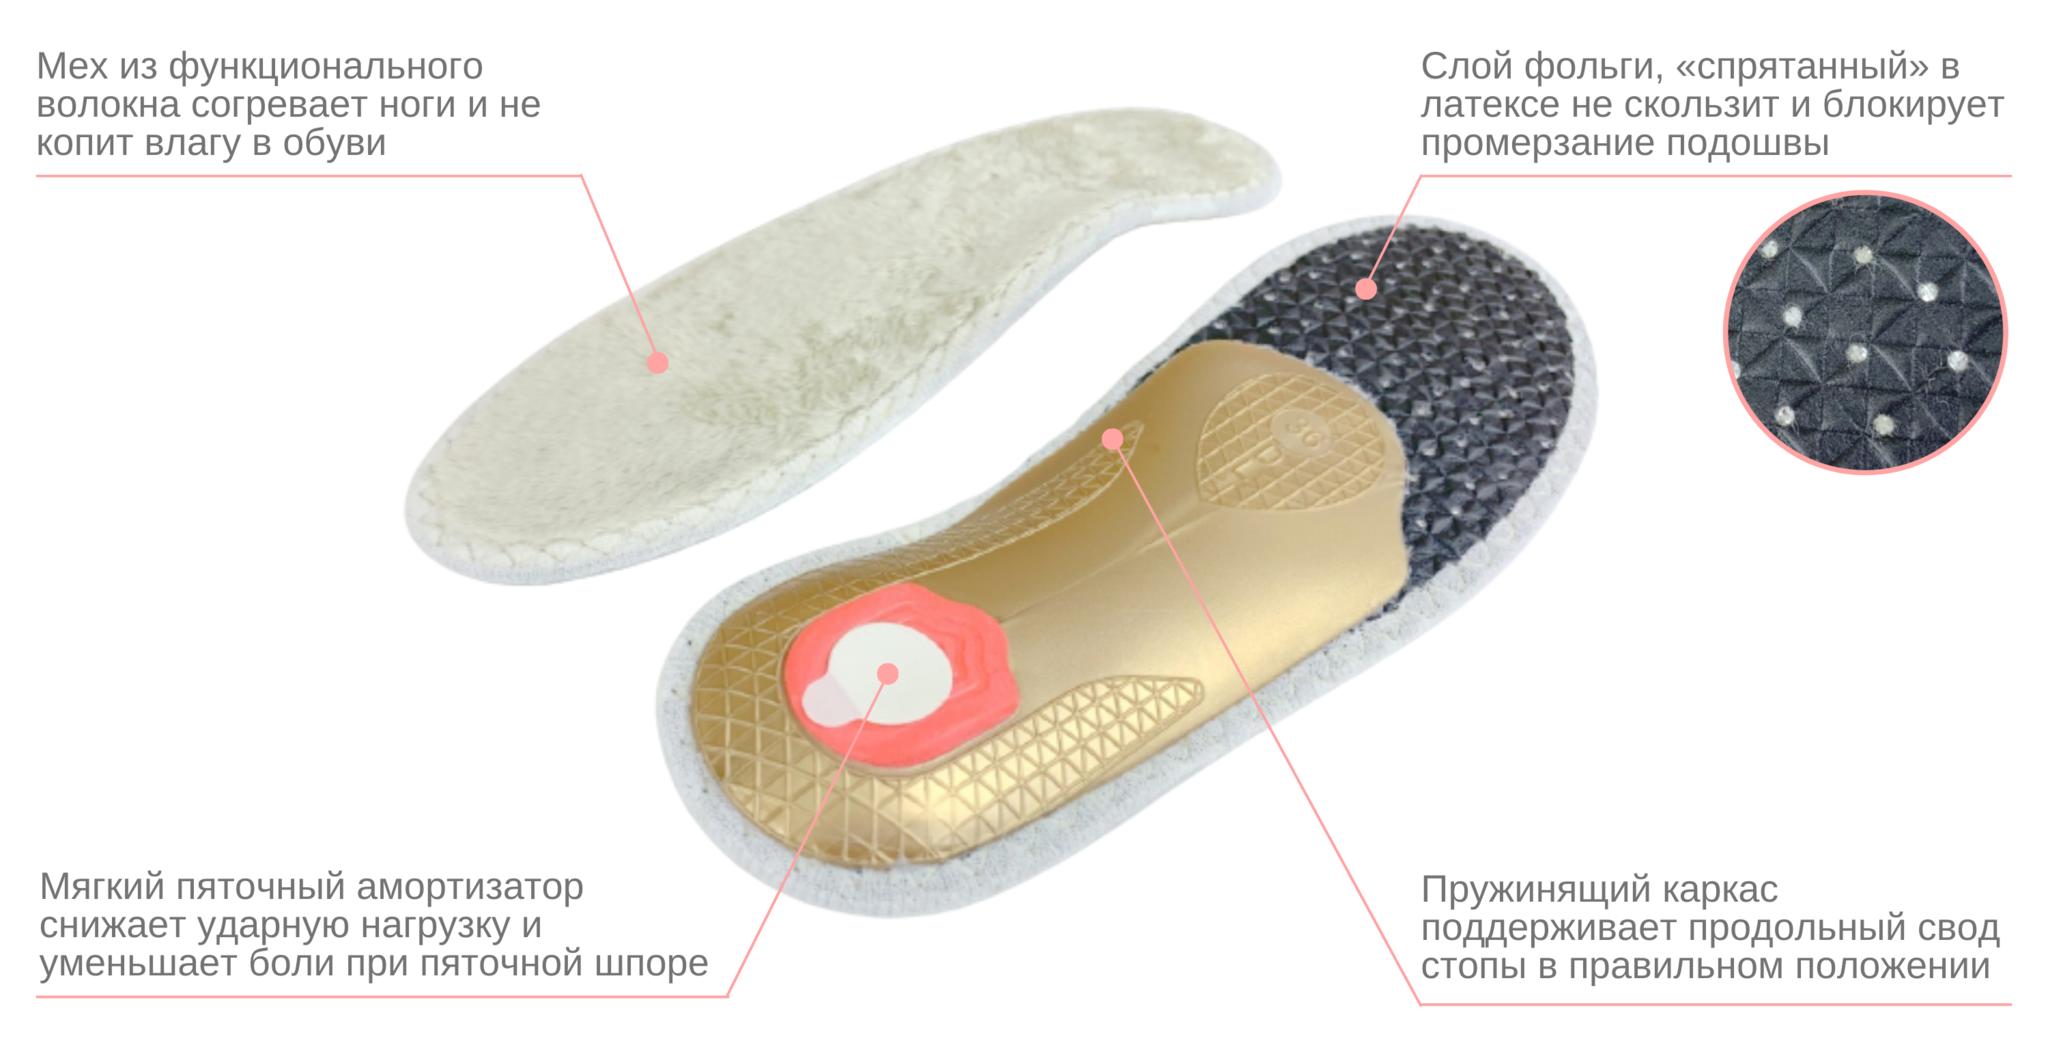 Тёплые ортопедические стельки при 1-2 степени плоскостопия, Bergal (Германия)